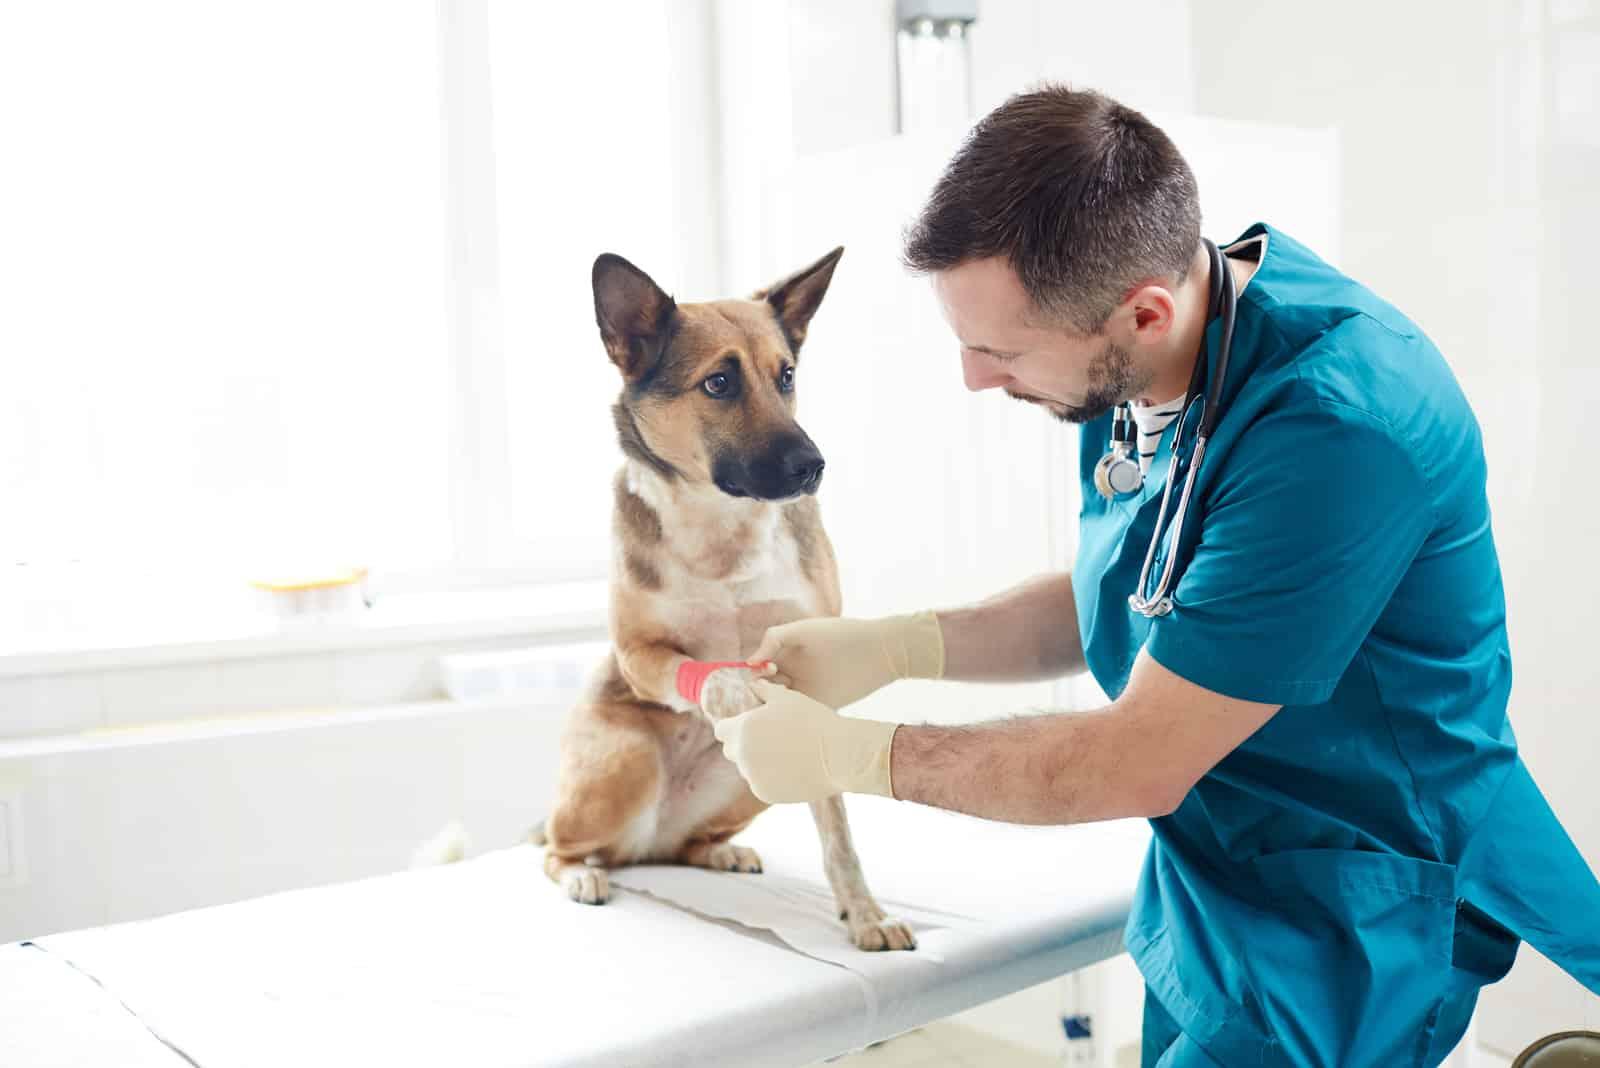 Der Tierarzt legt das Brownil auf die Pfote des kranken Hundes